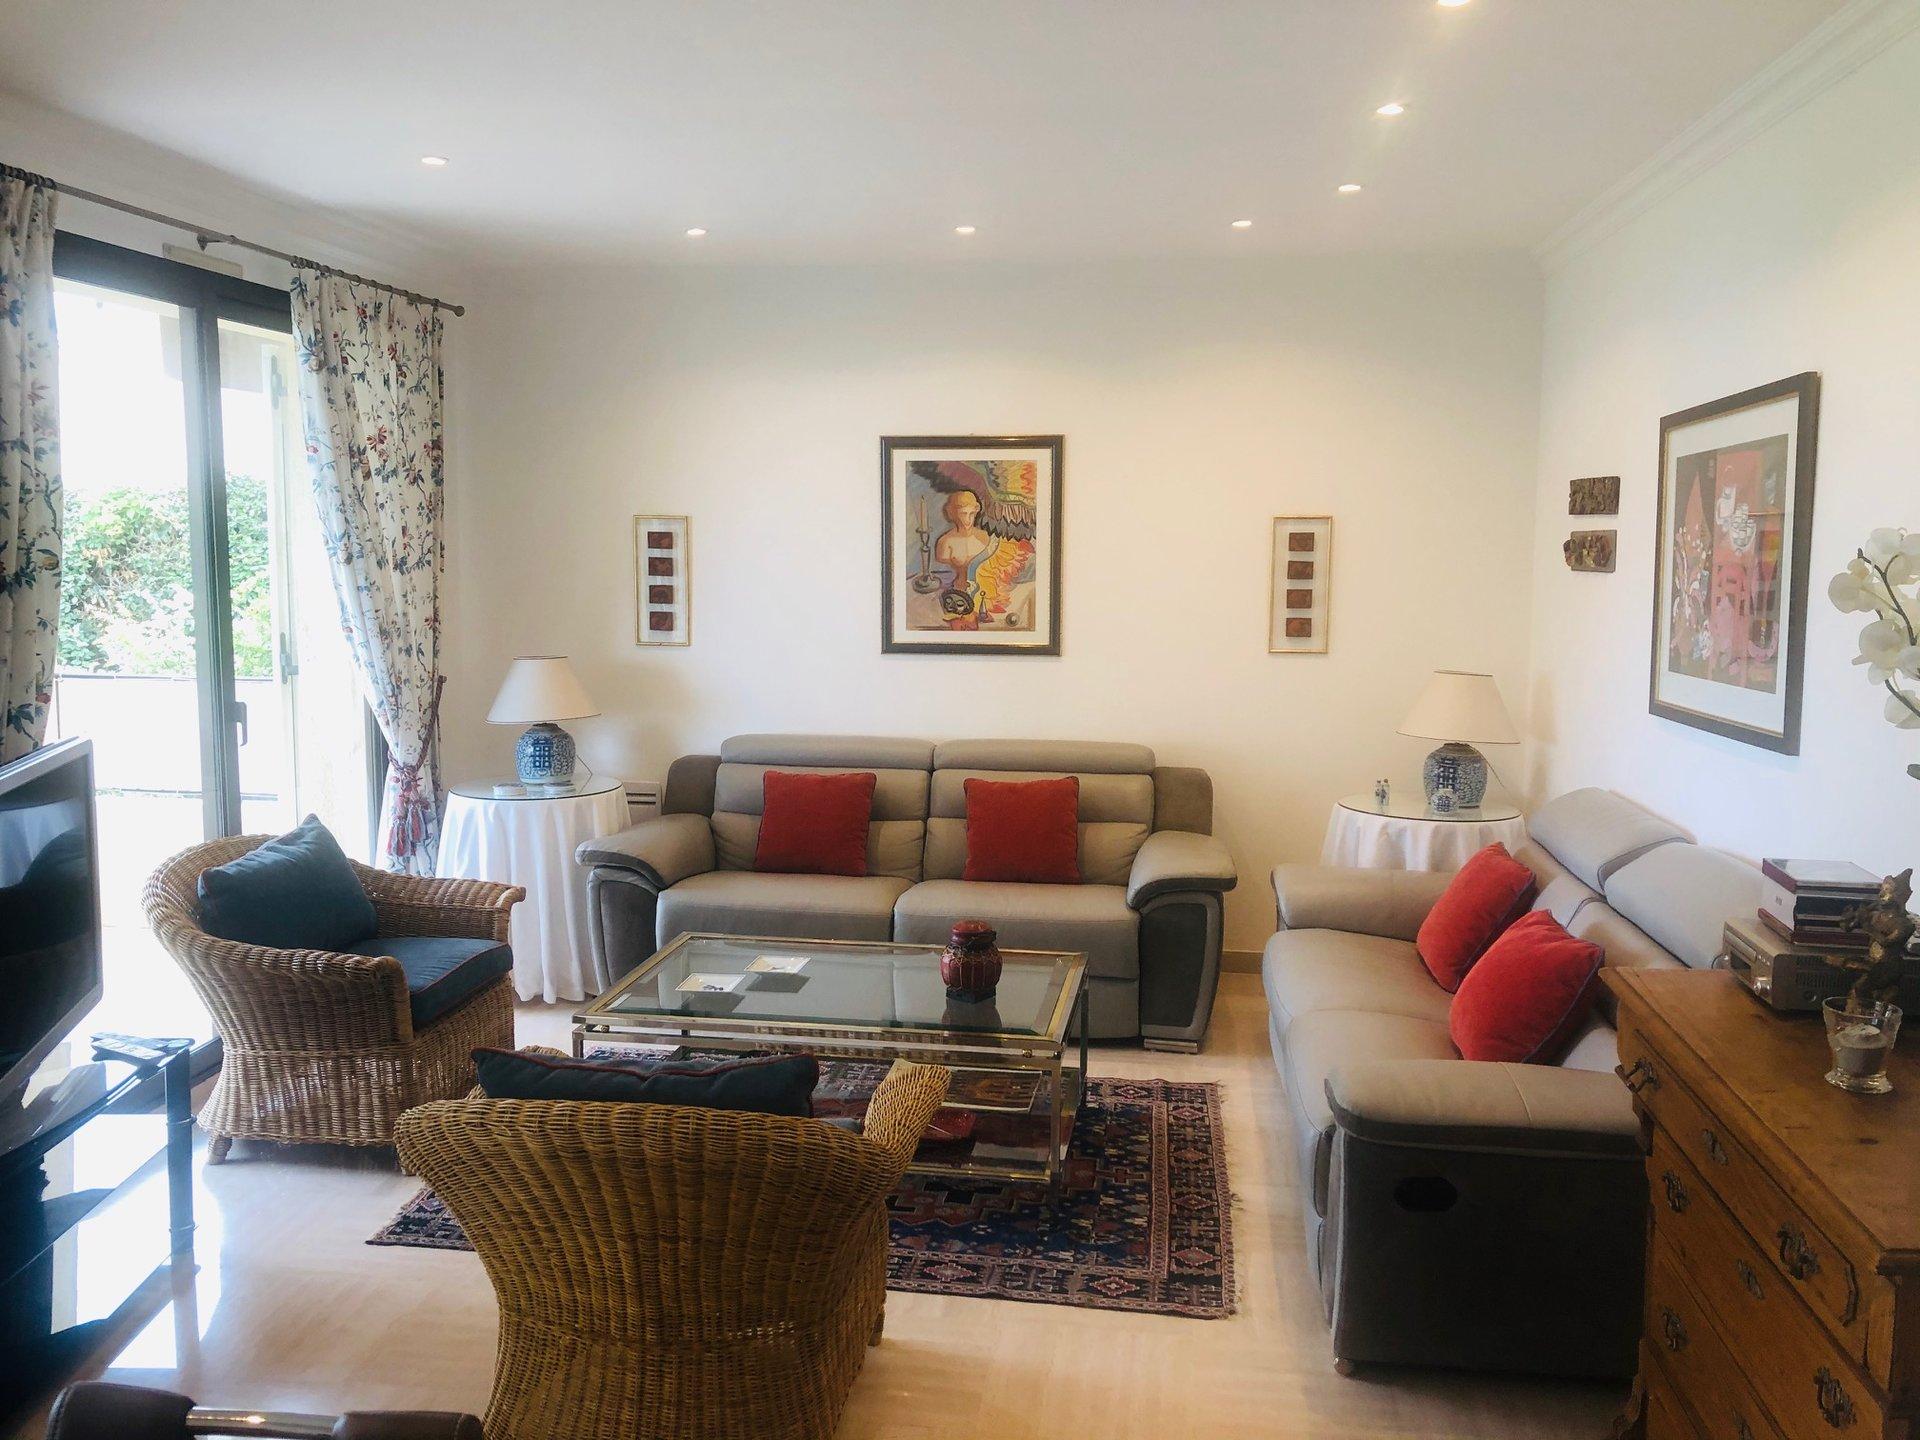 Bel appartement meublé au calme 117m2 4 chambres 2420€/mois CC